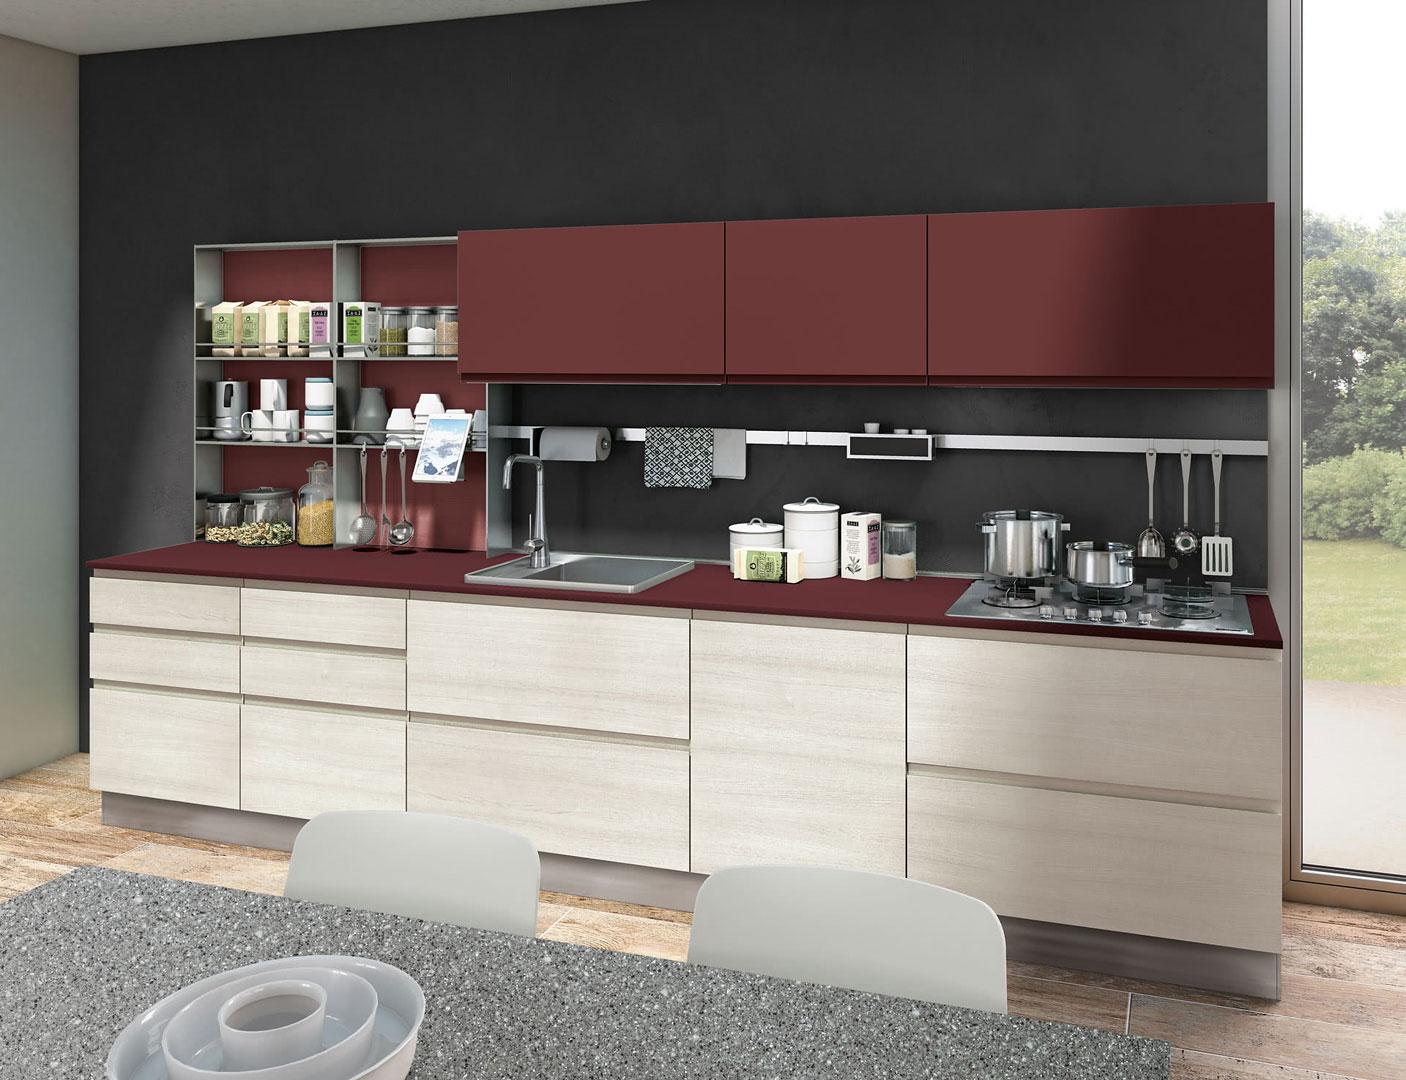 Cucine Lube Creo Kitchens Modello Jey Feel 30 Perego Arredamenti